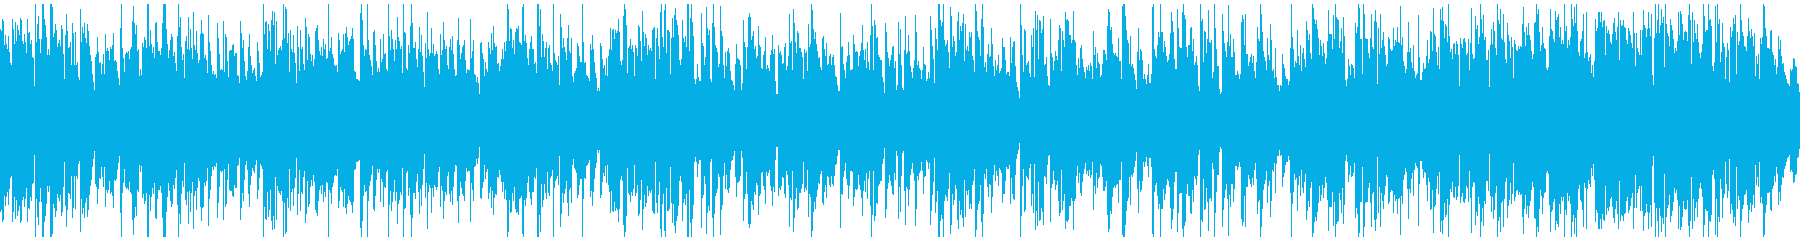 ショータイムっぽいジャズ ※ループ版の再生済みの波形